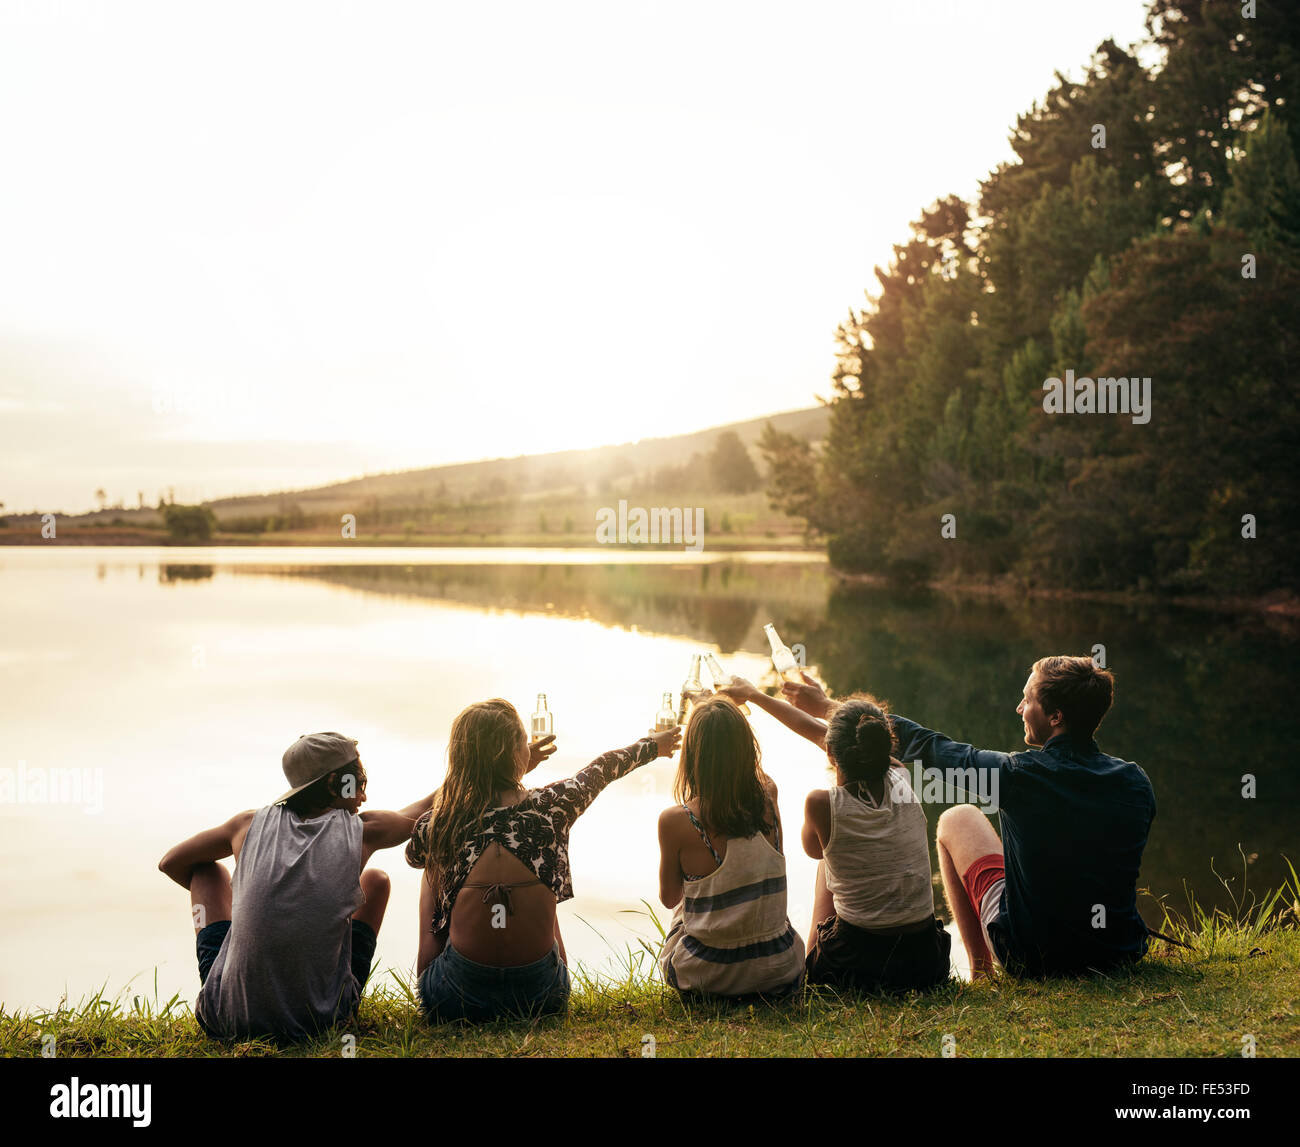 Un gruppo di giovani seduti in una riga a un lago. Giovani amici di tostatura e celebrando con birre alla spina Immagini Stock